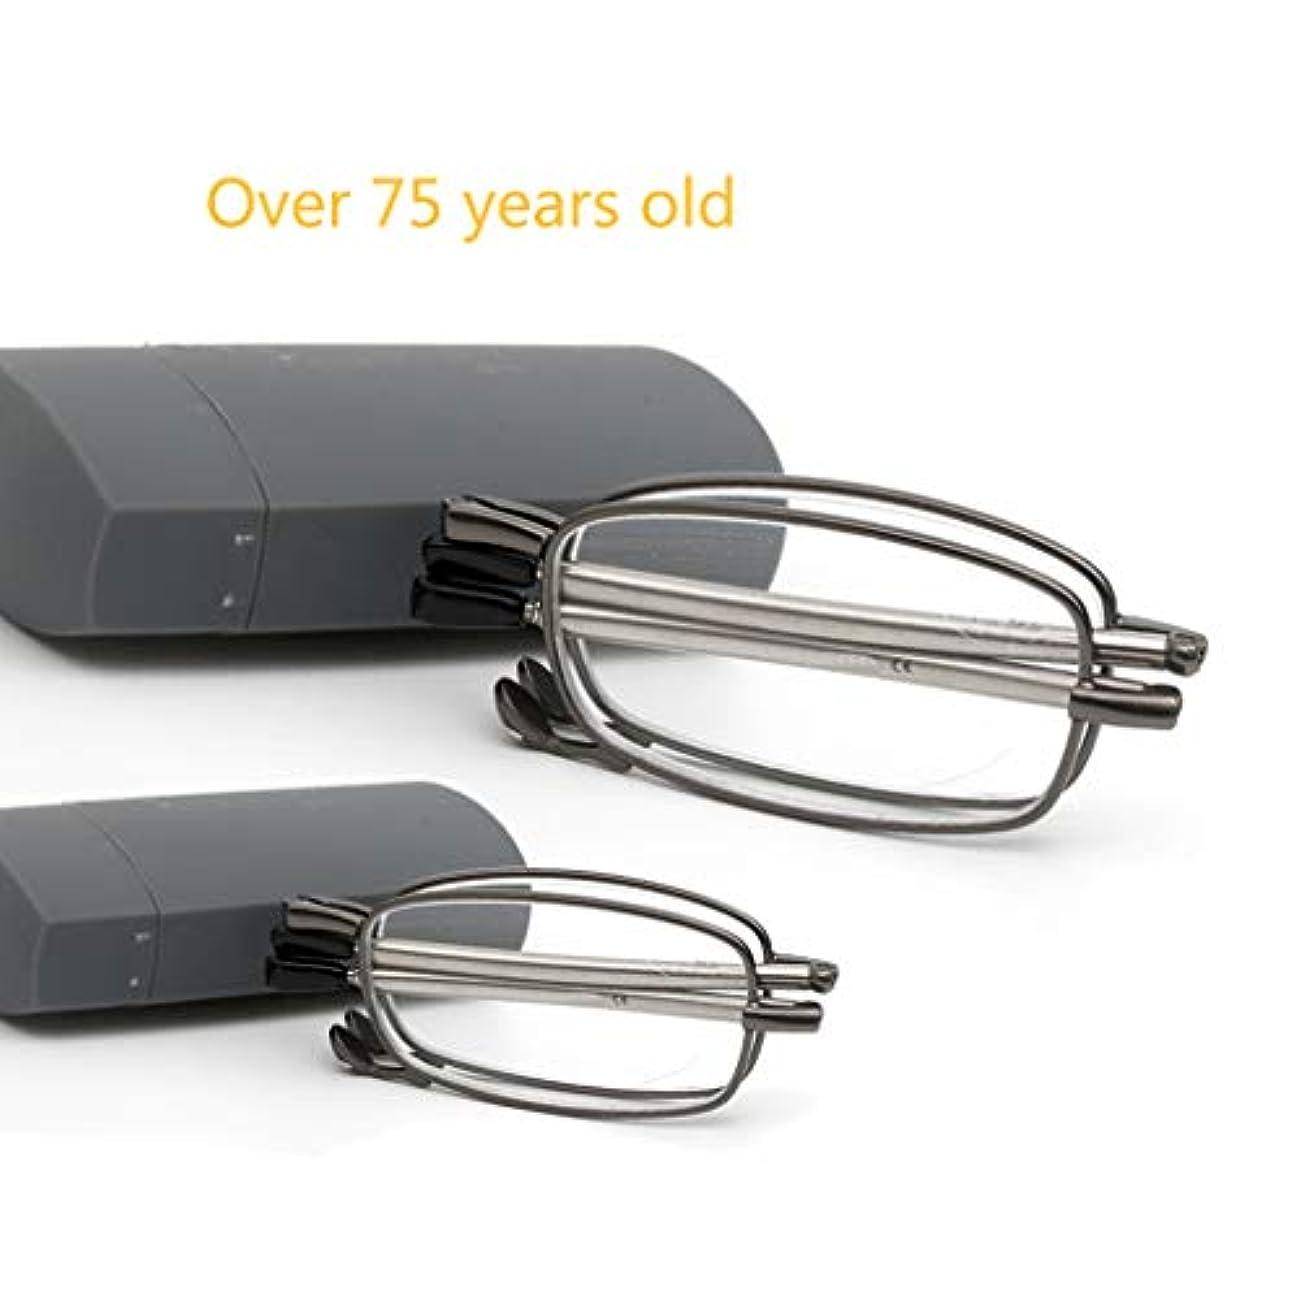 凍った切断する植生老眼鏡2ペアのスタイリッシュな折りたたみ、高精細老眼鏡。スリムでエレガントな引き込み式のテンプルを備えた3セクションデザインで、どんな顔の形にも適しています。